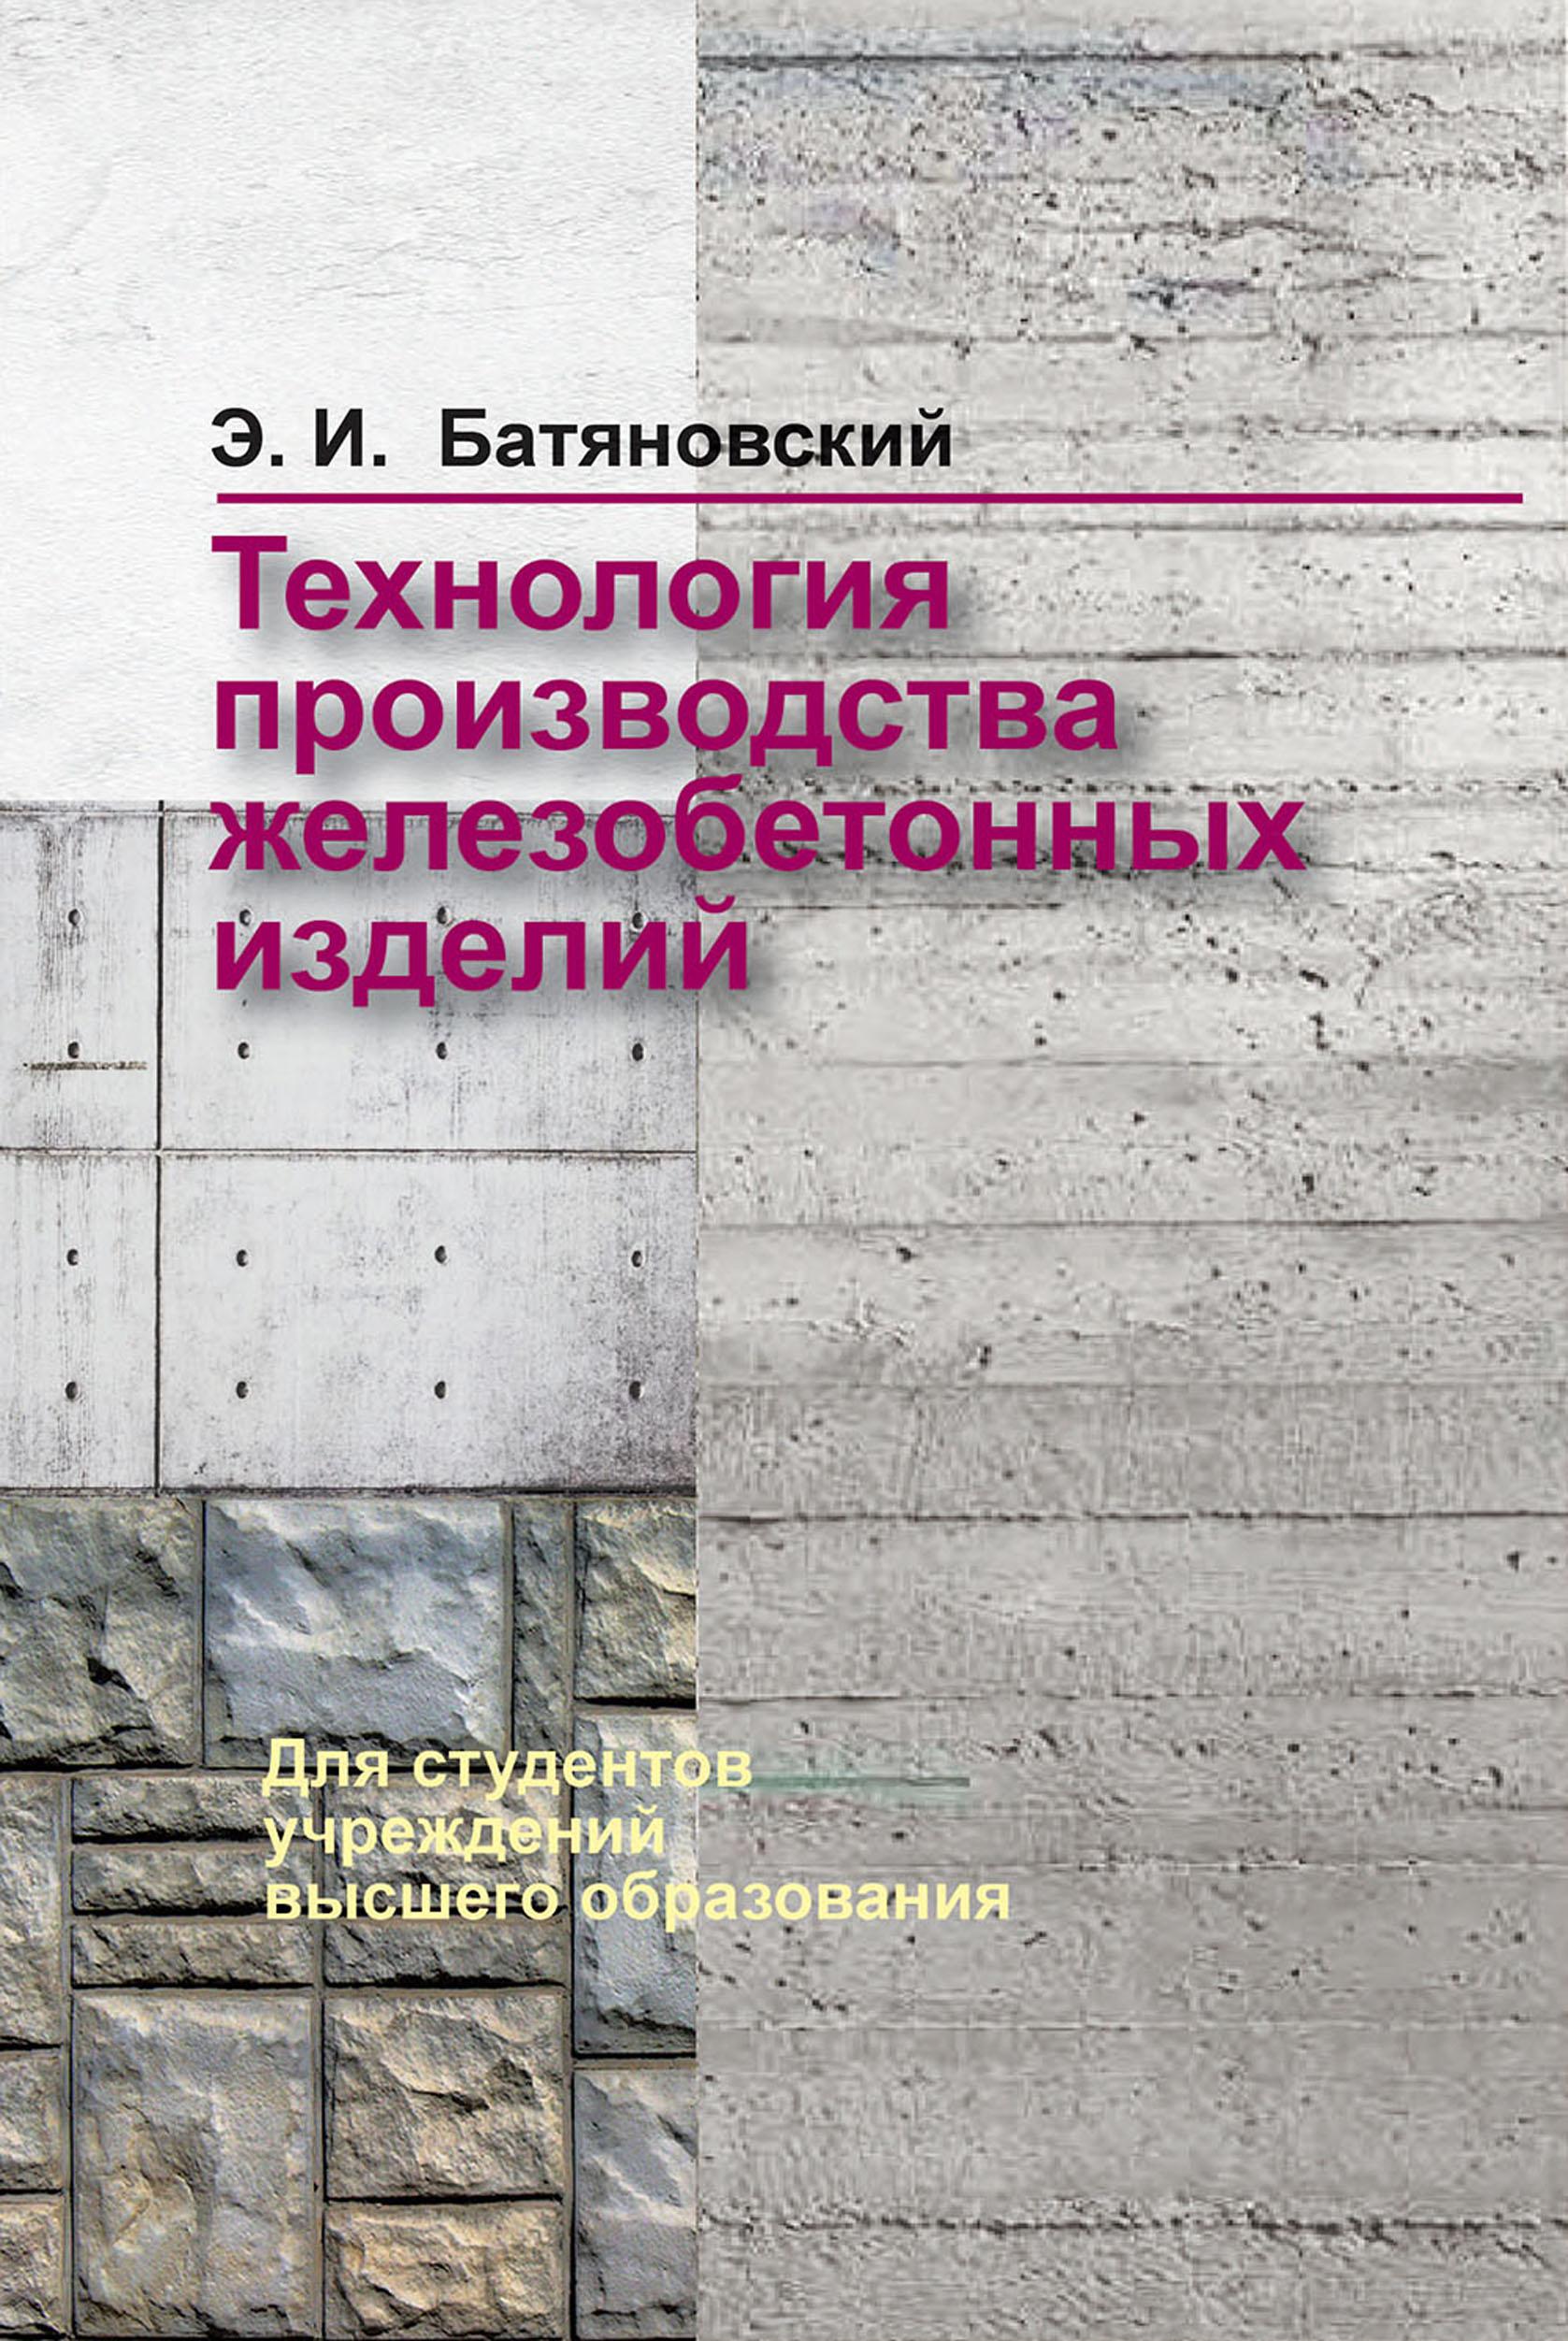 Технология производства железобетонных изделий ( Э. И. Батяновский  )